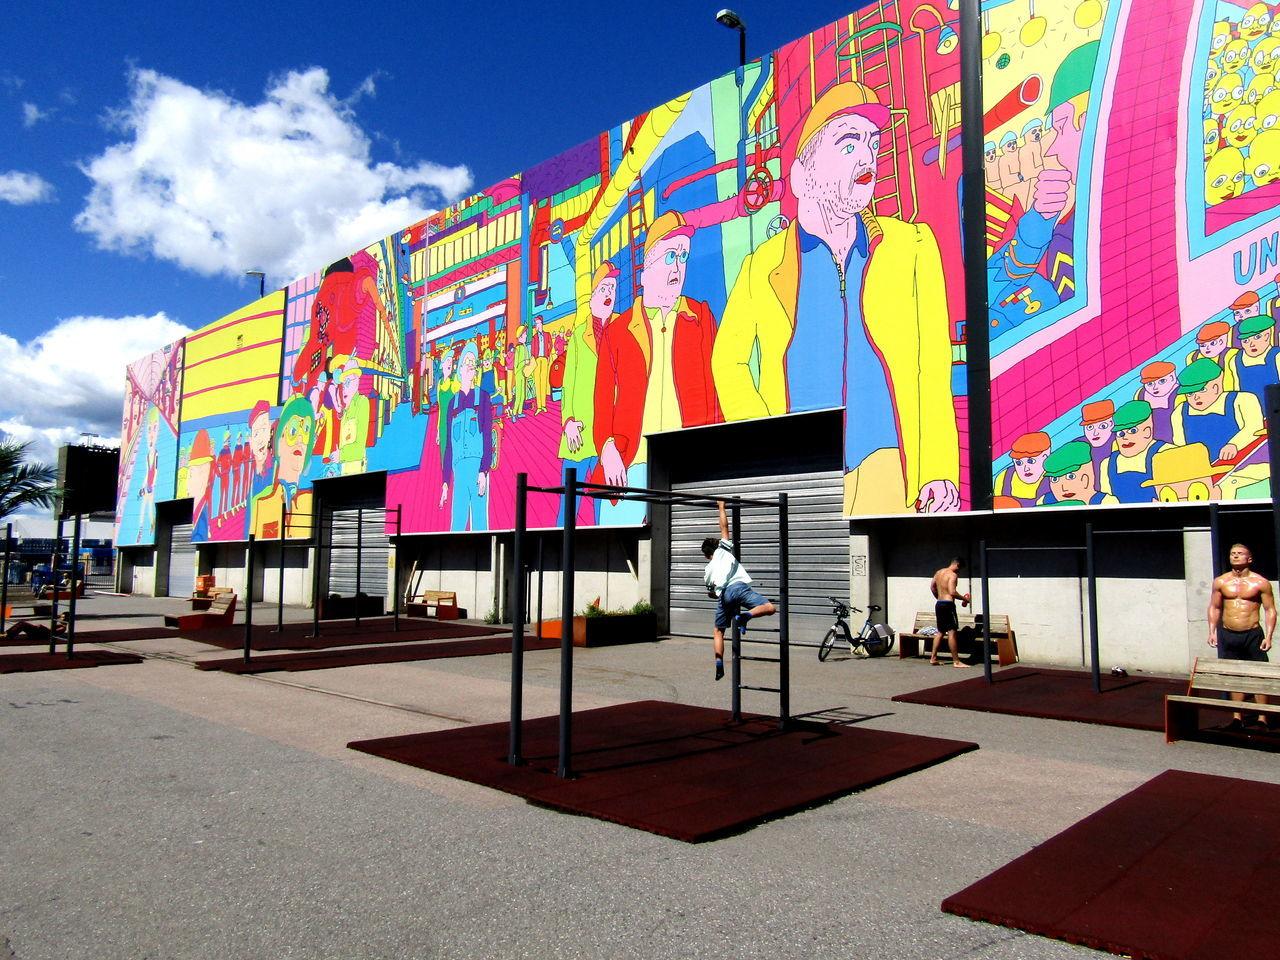 Creativity Hausbemalung In Oslo-- House Painting In Oslo-- Multi Colored Sonnenschein--Licht Und Schatten-- Street Art